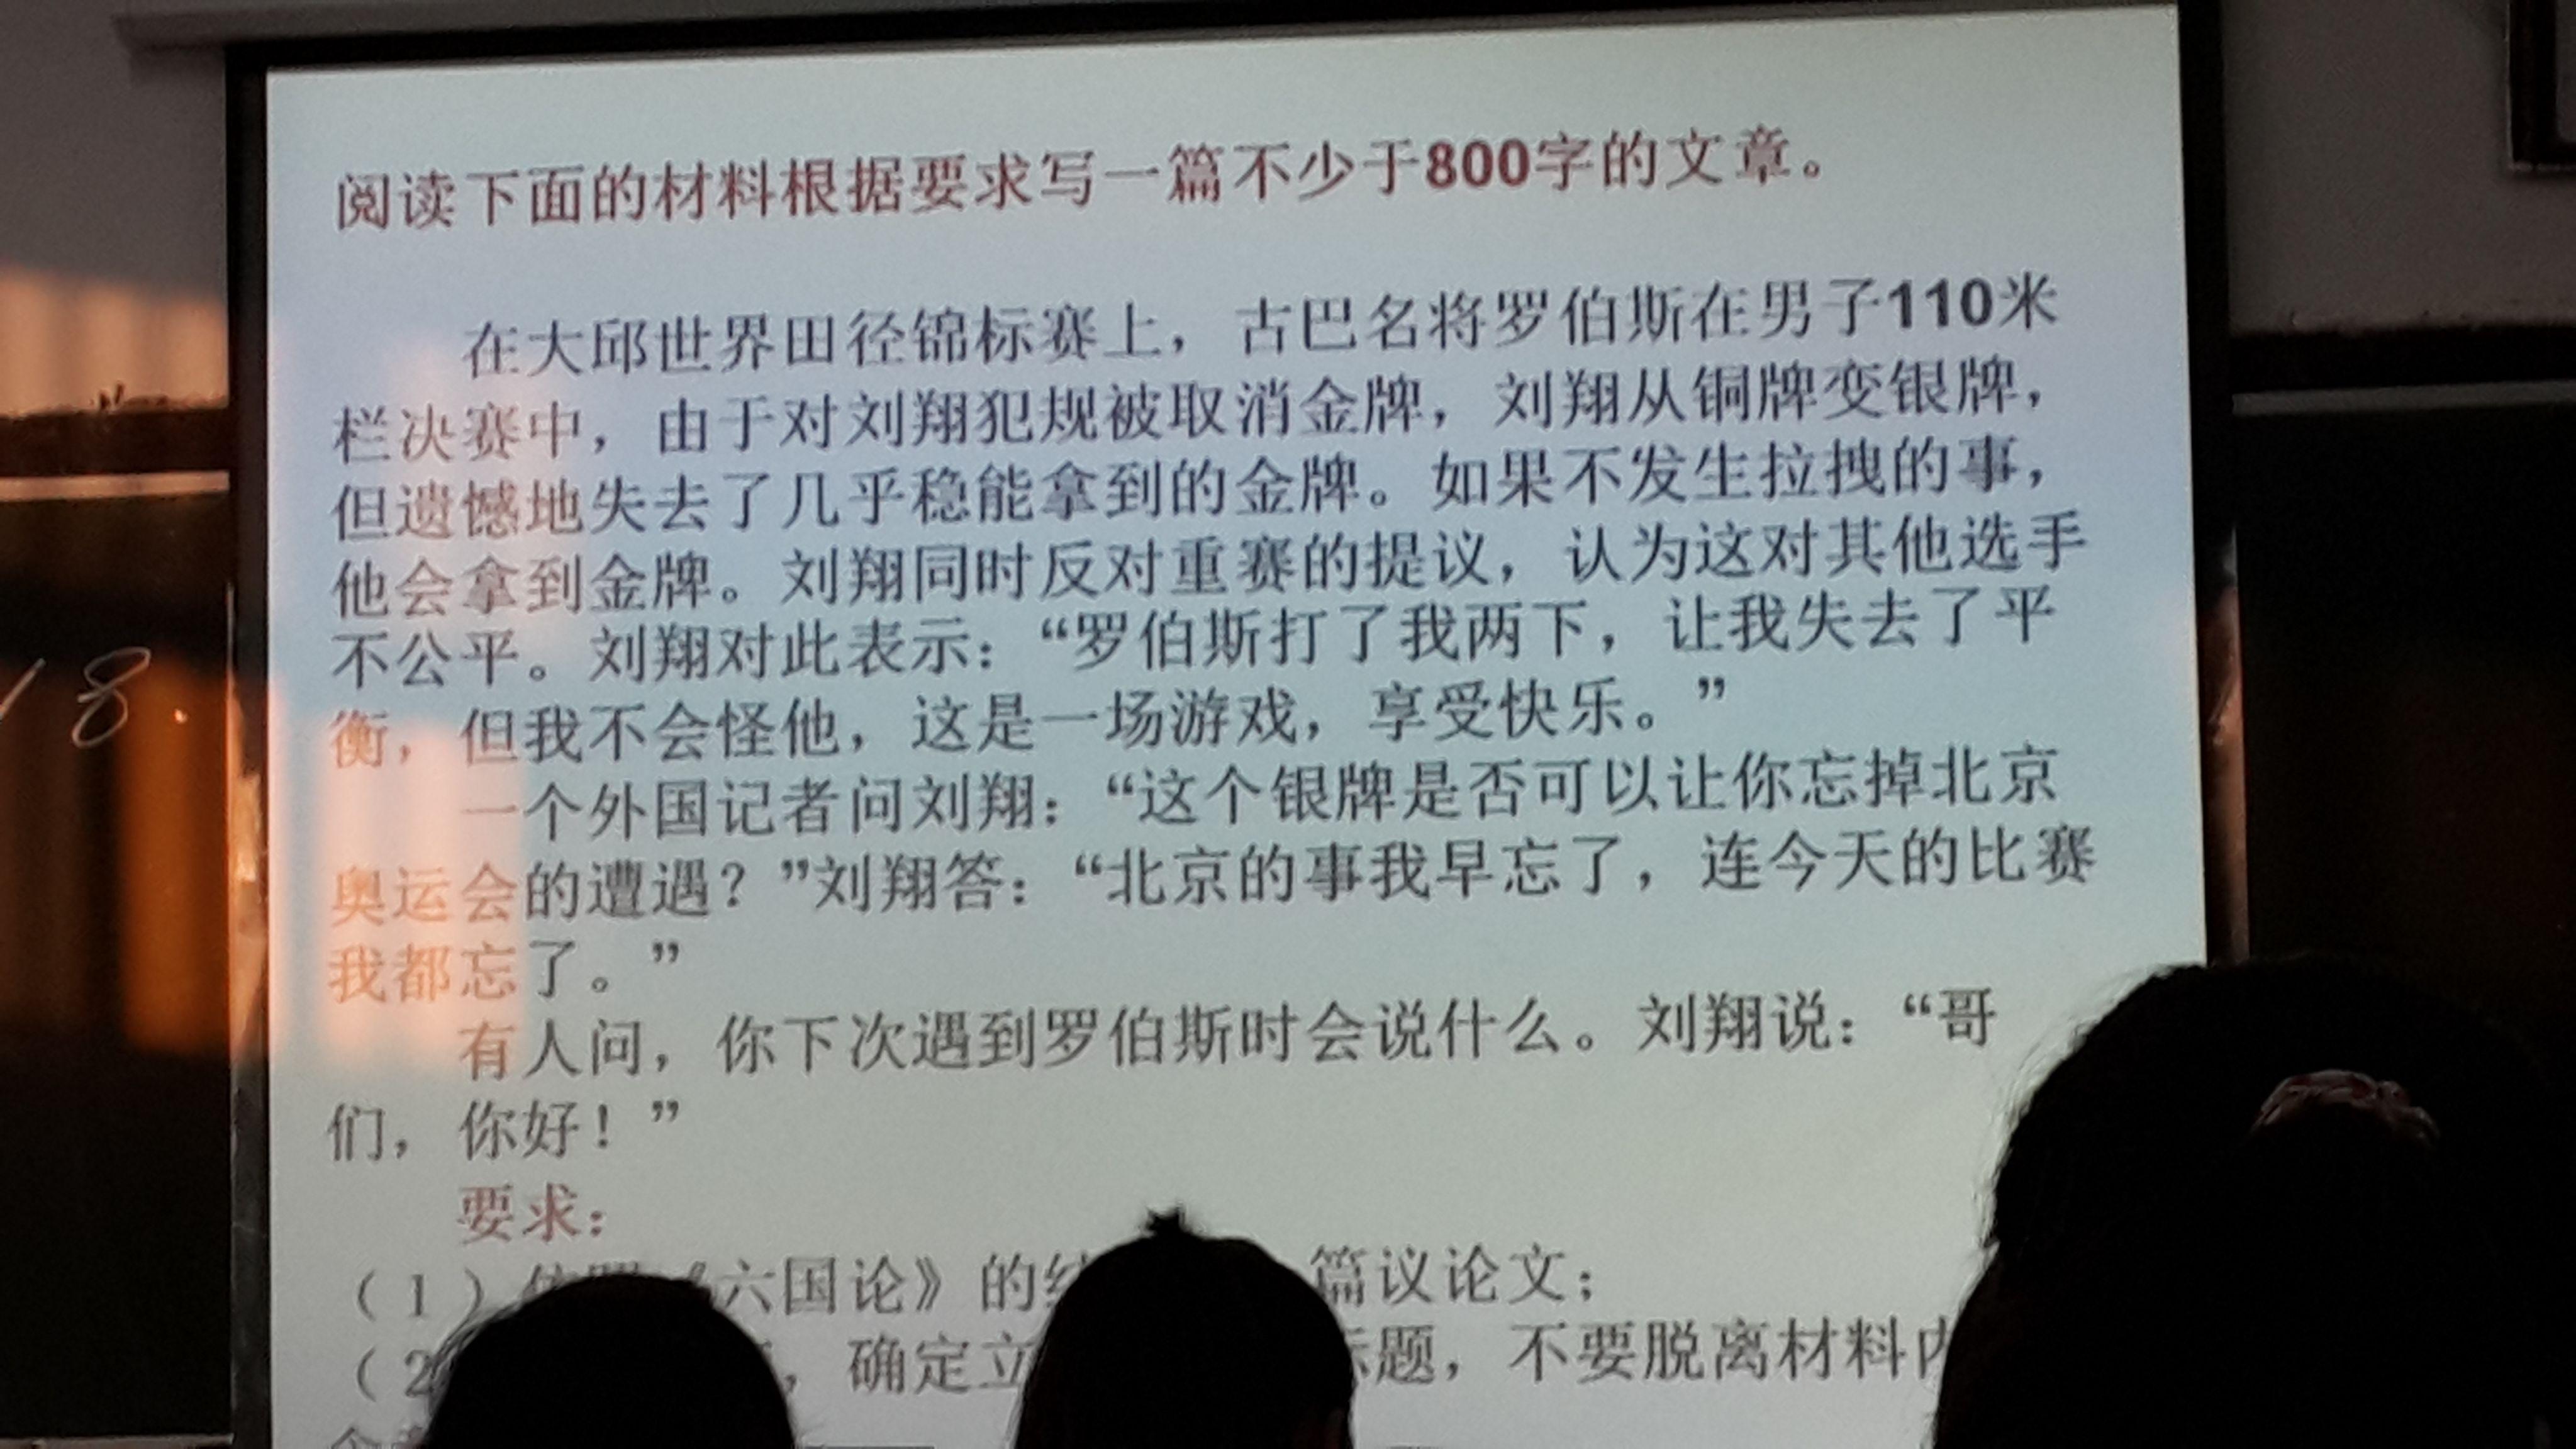 求大神帮我把白话文翻译成文言文!很急图片